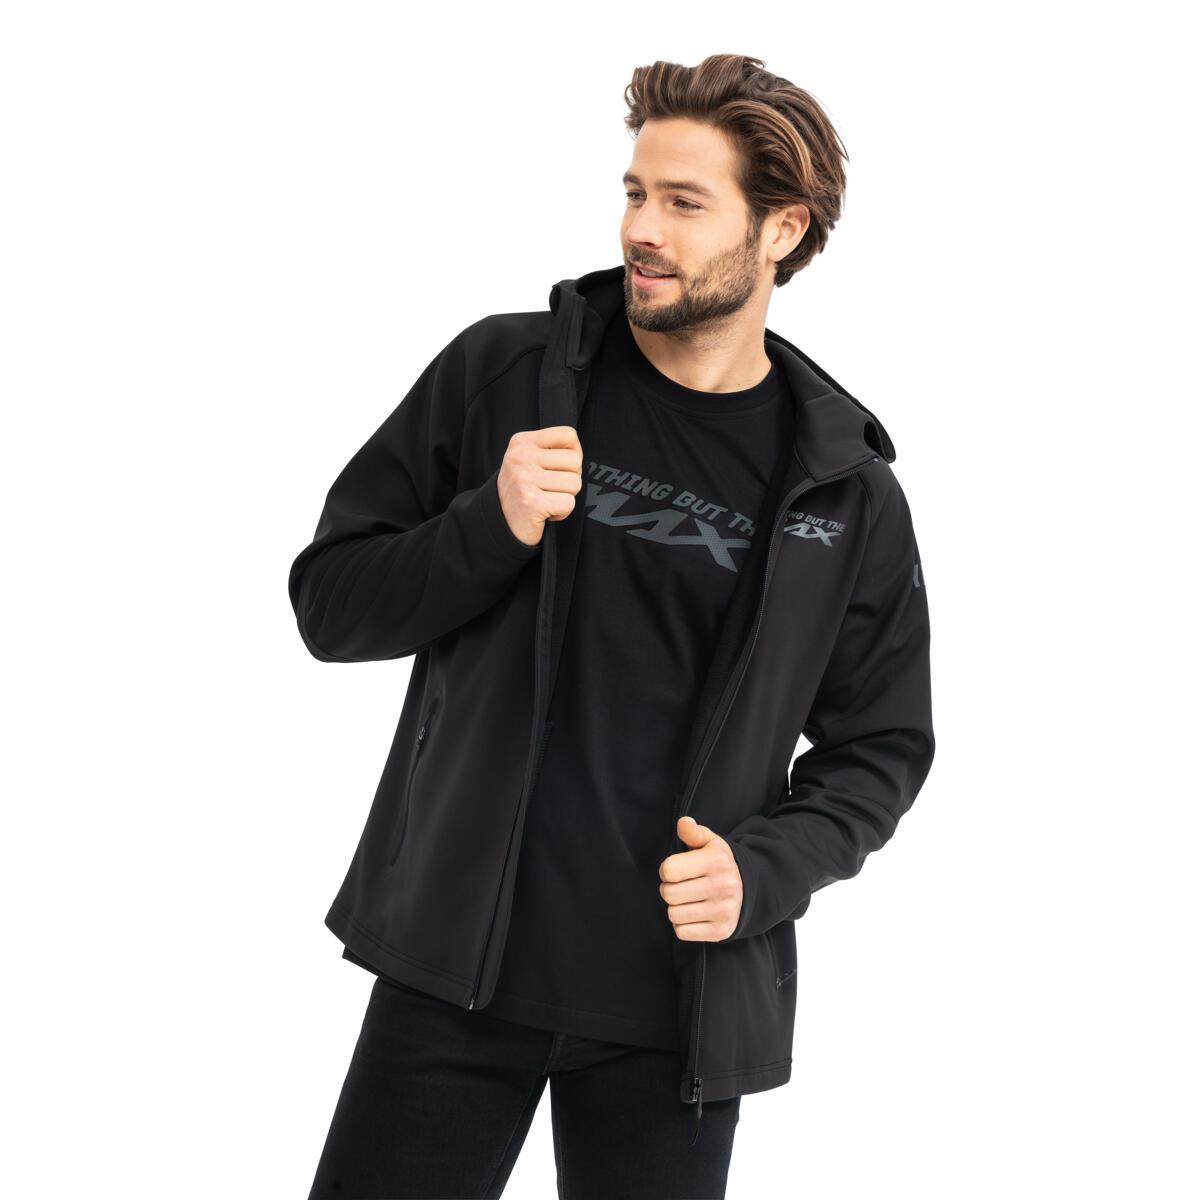 Nová kolekce oblečení Yamaha 2021